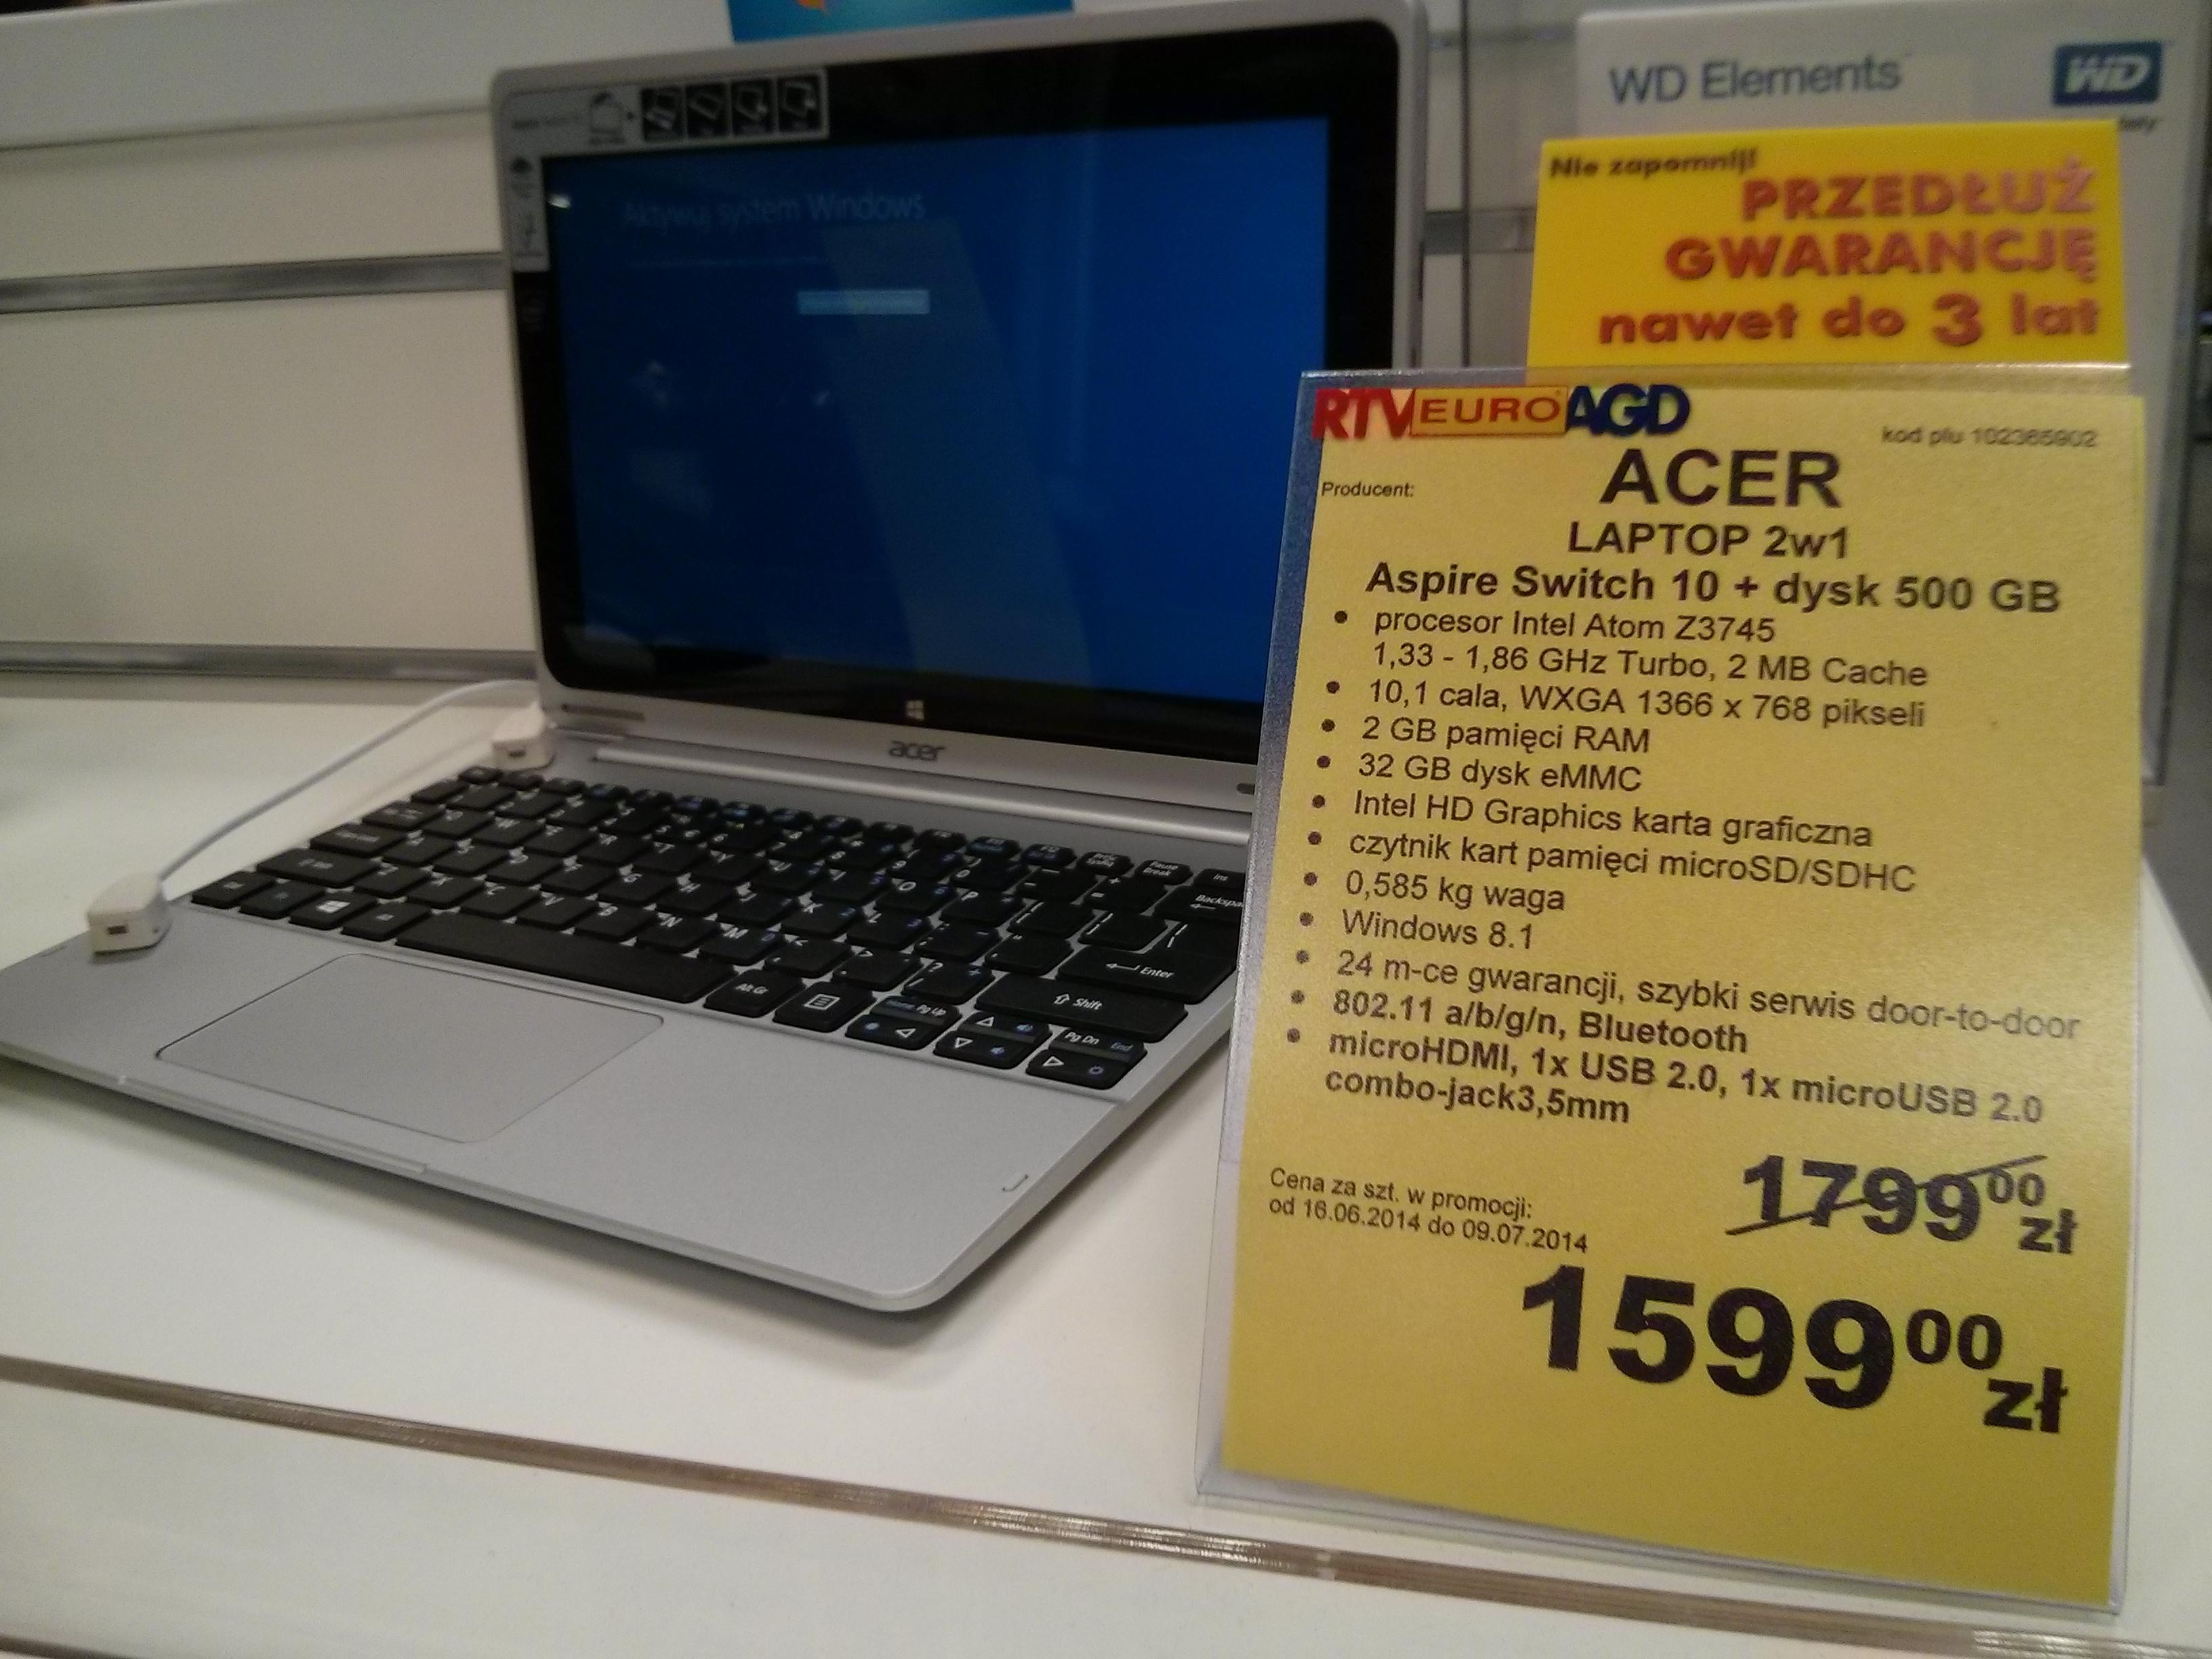 Acer Aspire Switch 10 + dysk 500 GB za 1599 zł @ RTV EURO AGD